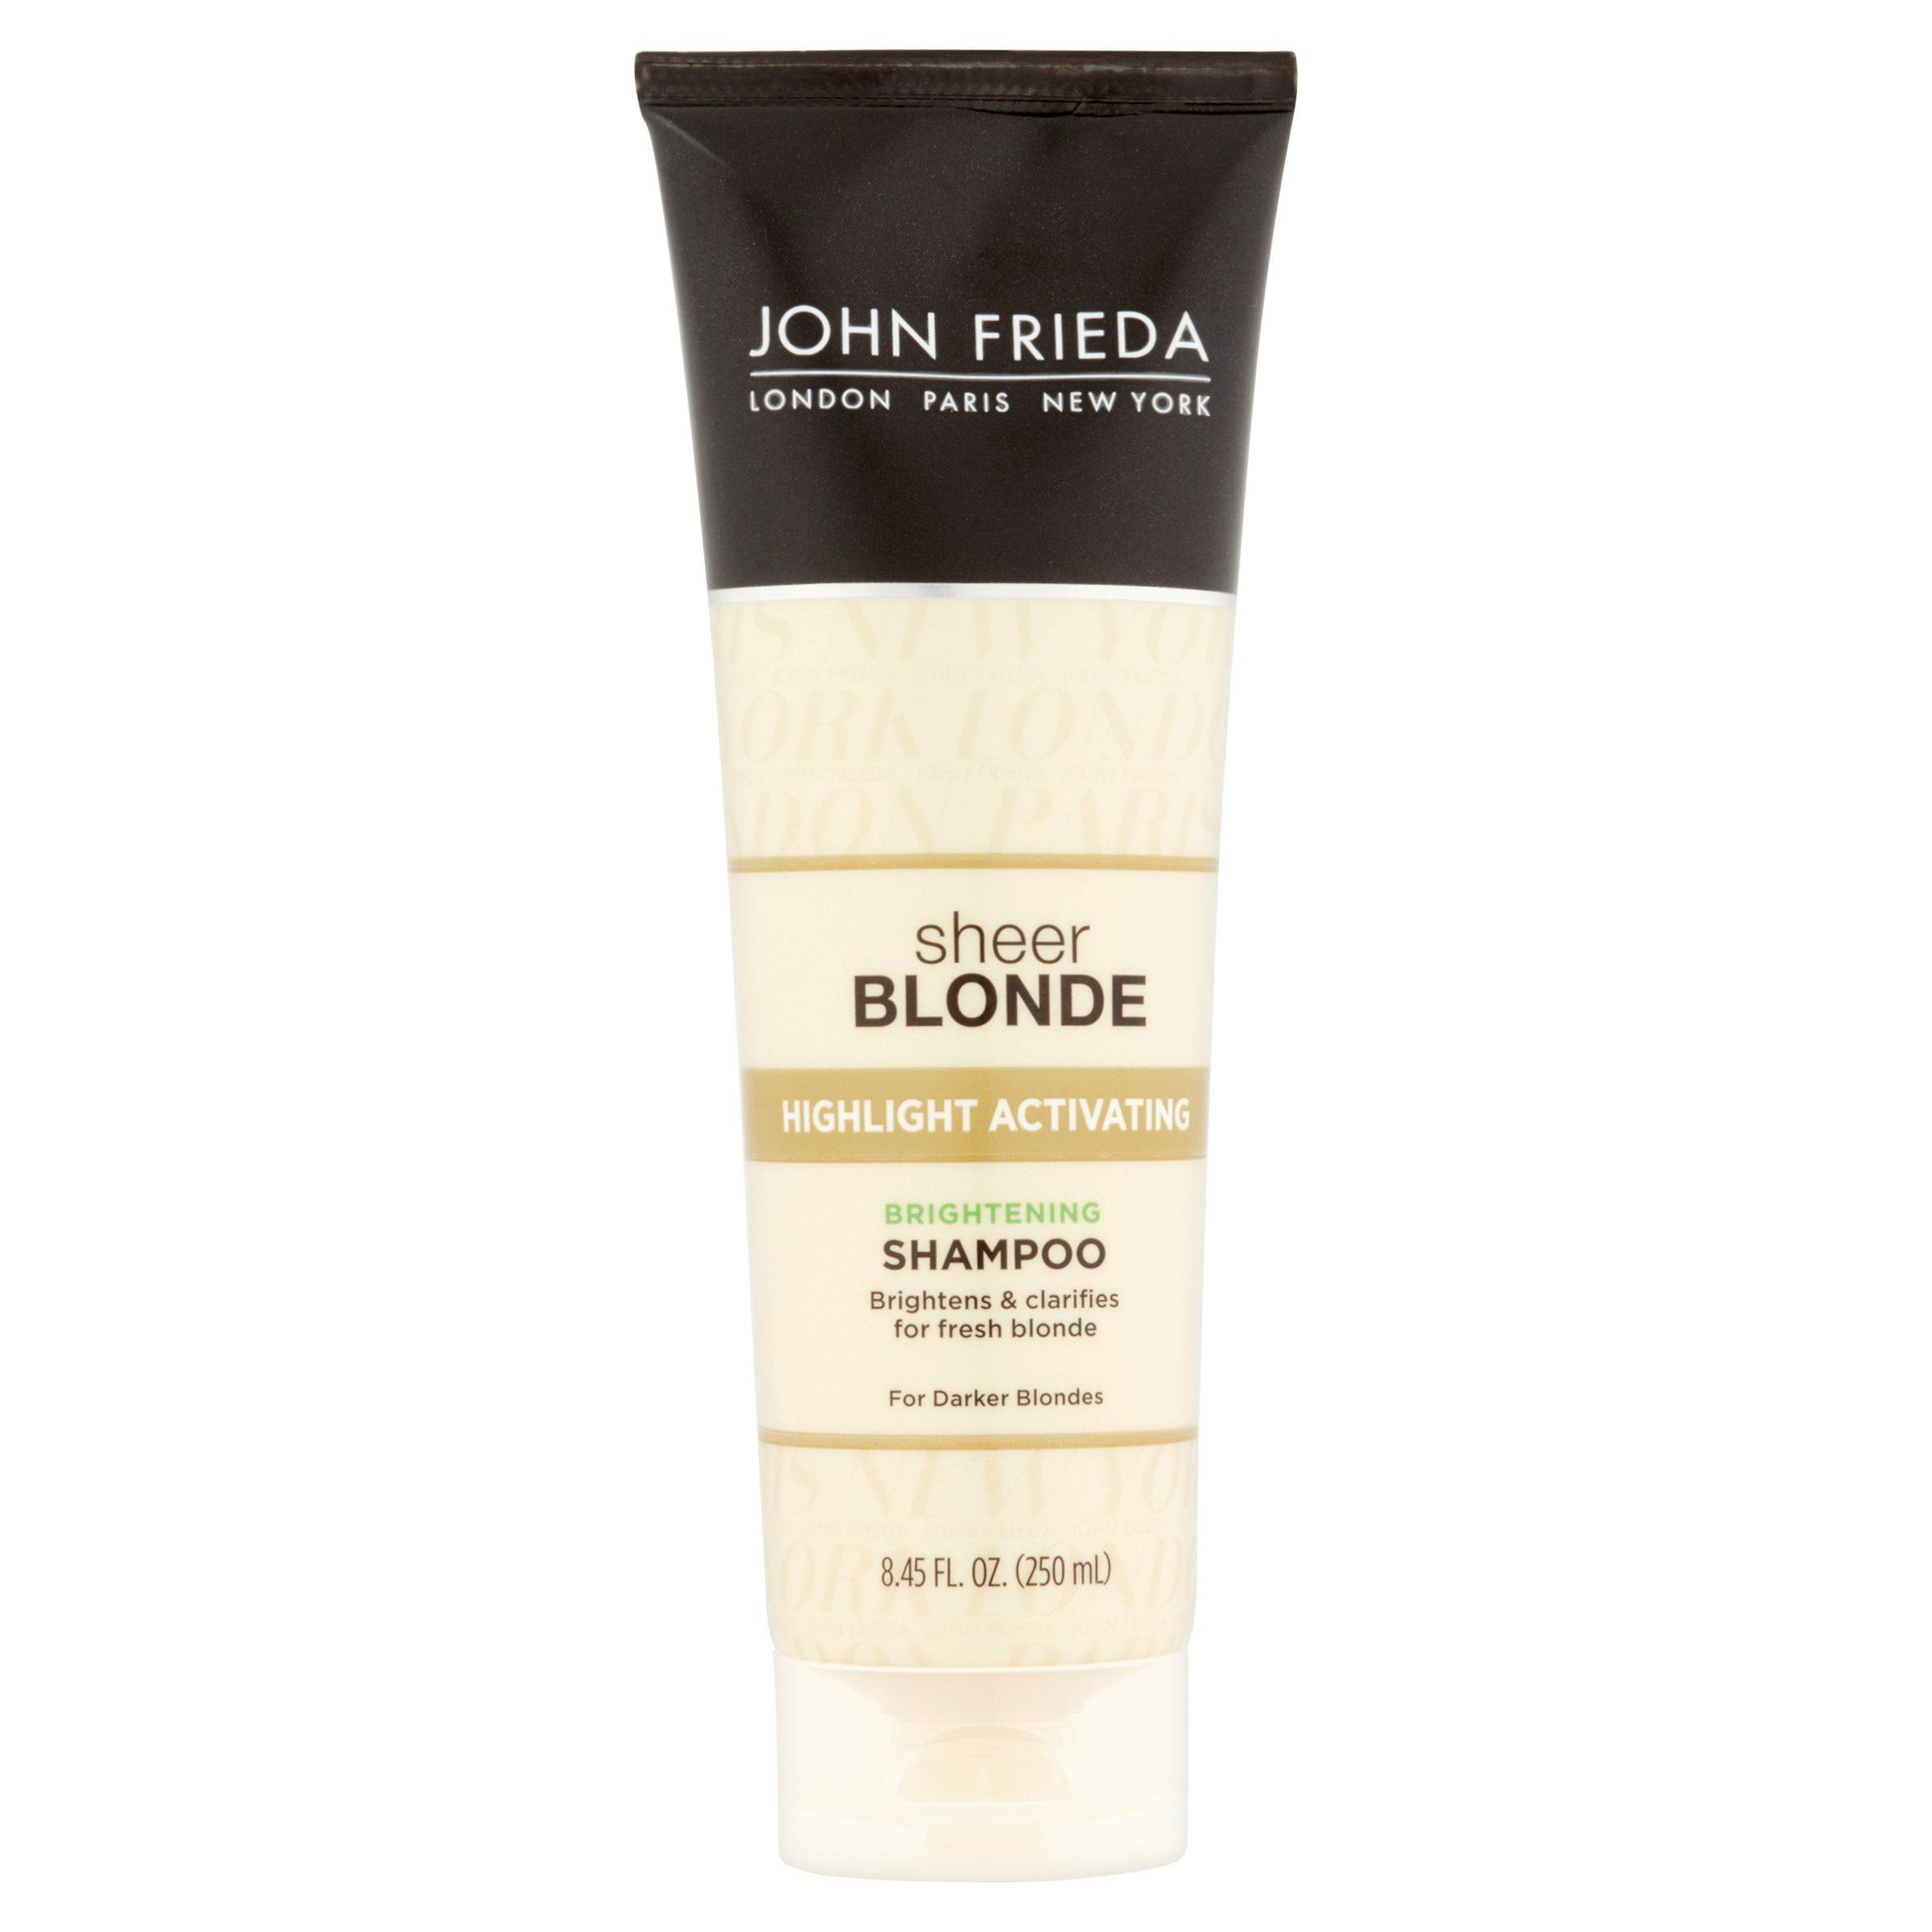 John Frieda Sheer Blonde Highlight Activating Brightening Shampoo, Darker Blondes, 8.45 Fl Oz